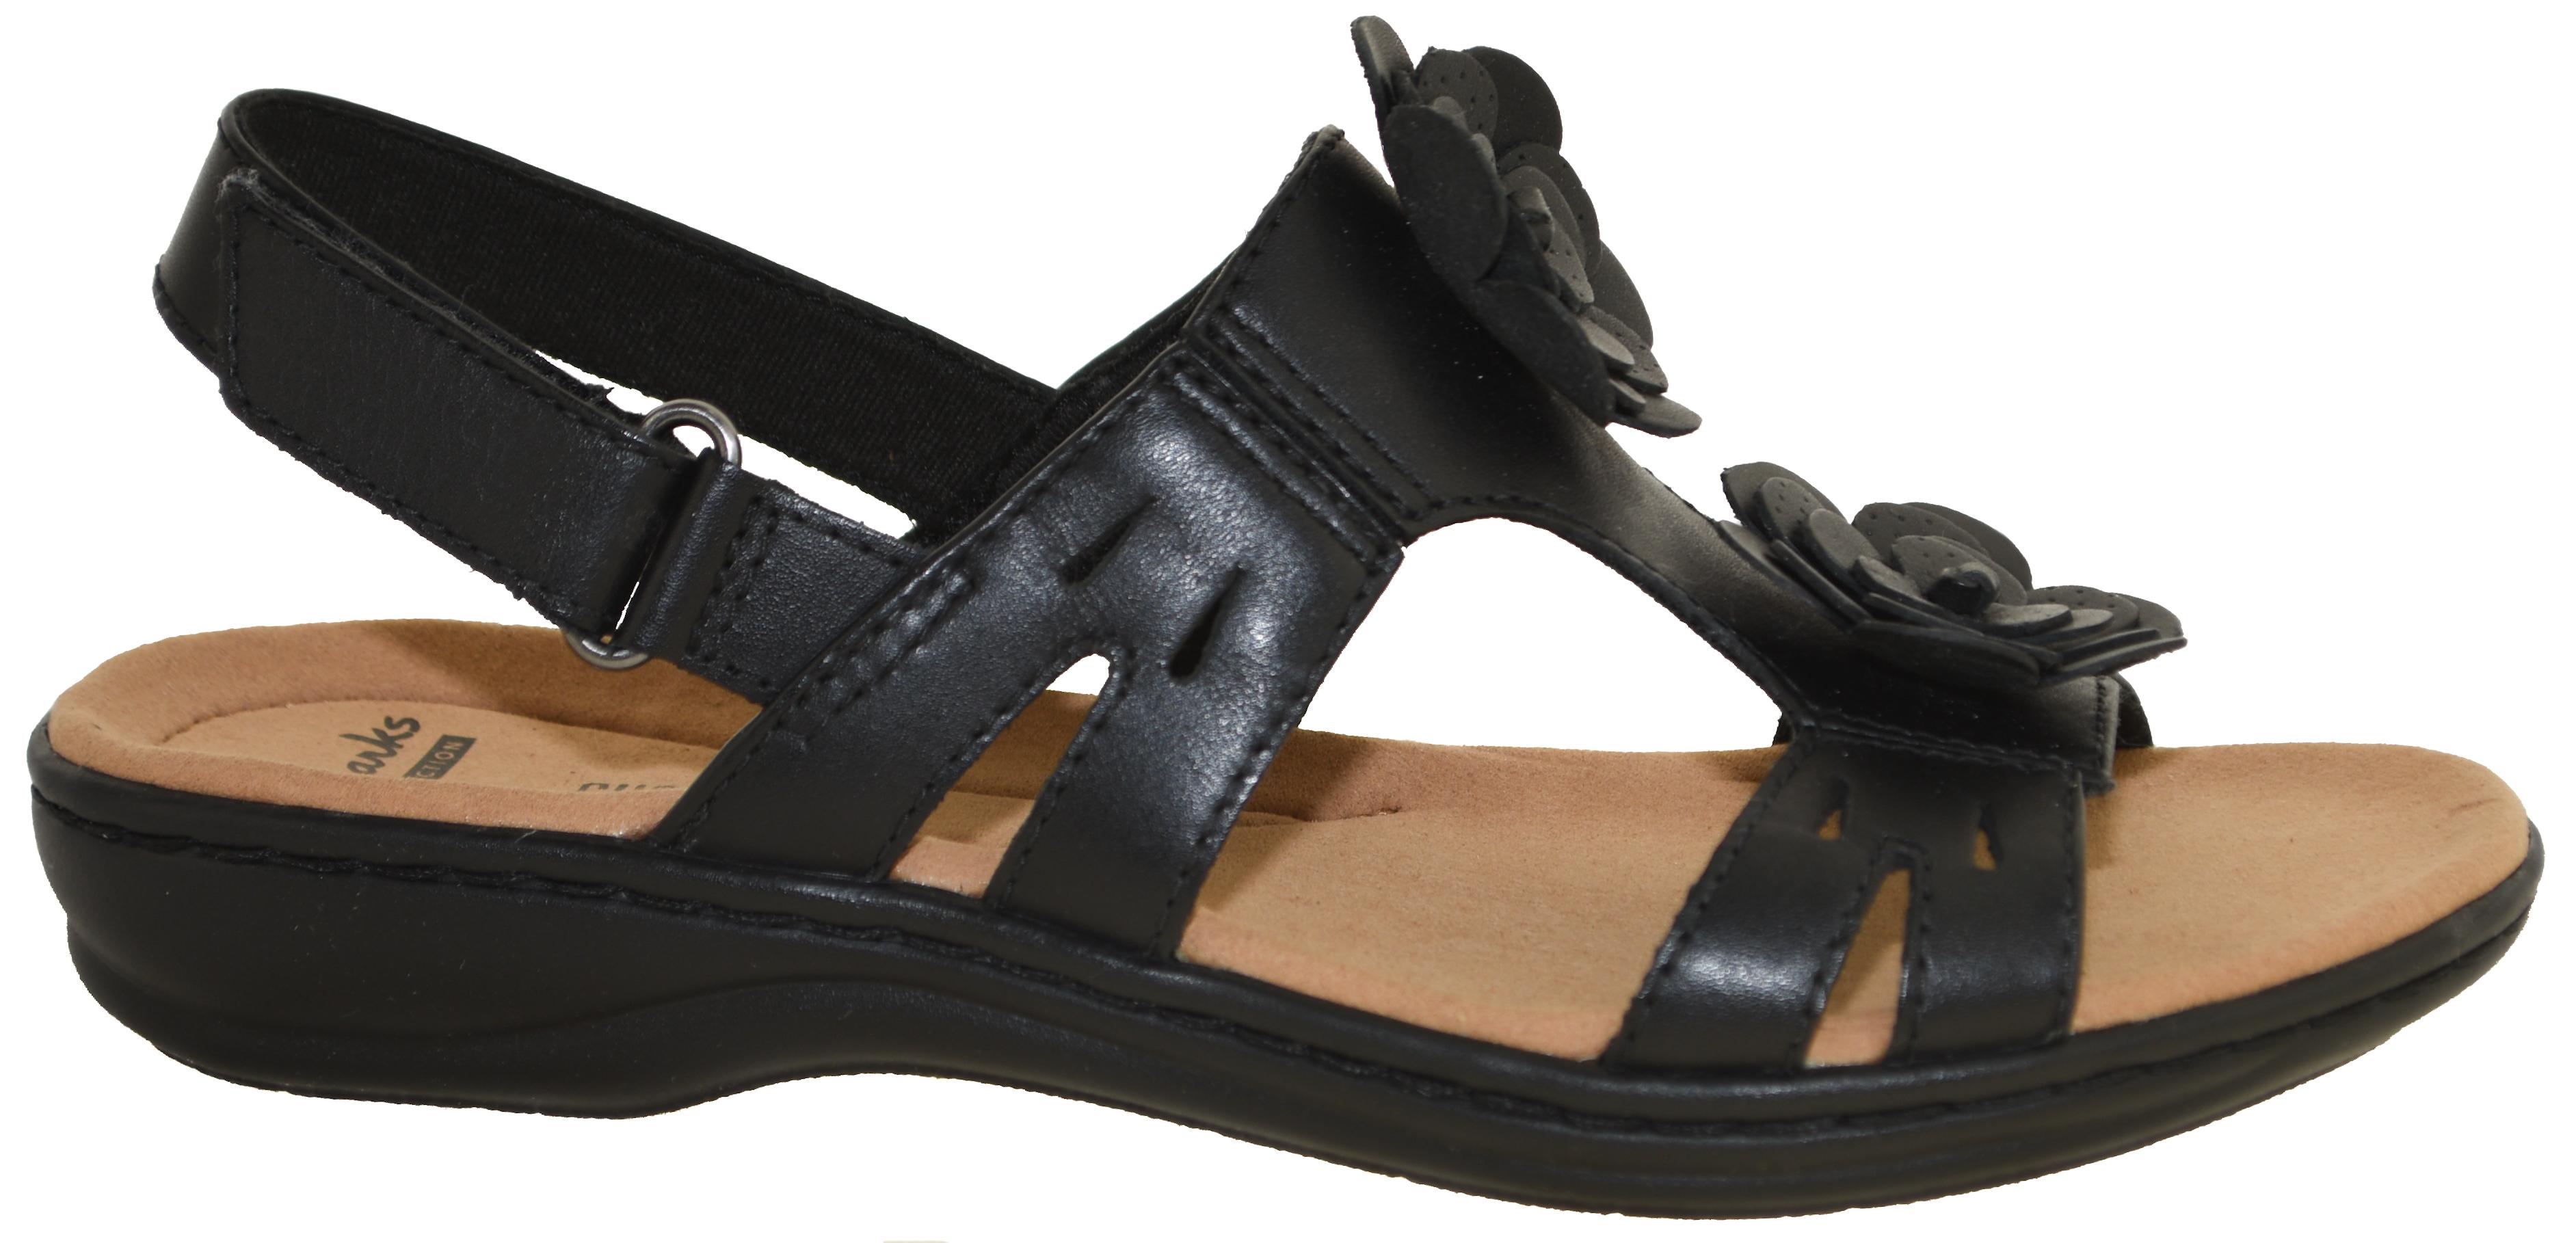 Clarks Women's Leisa Claytin Sandals